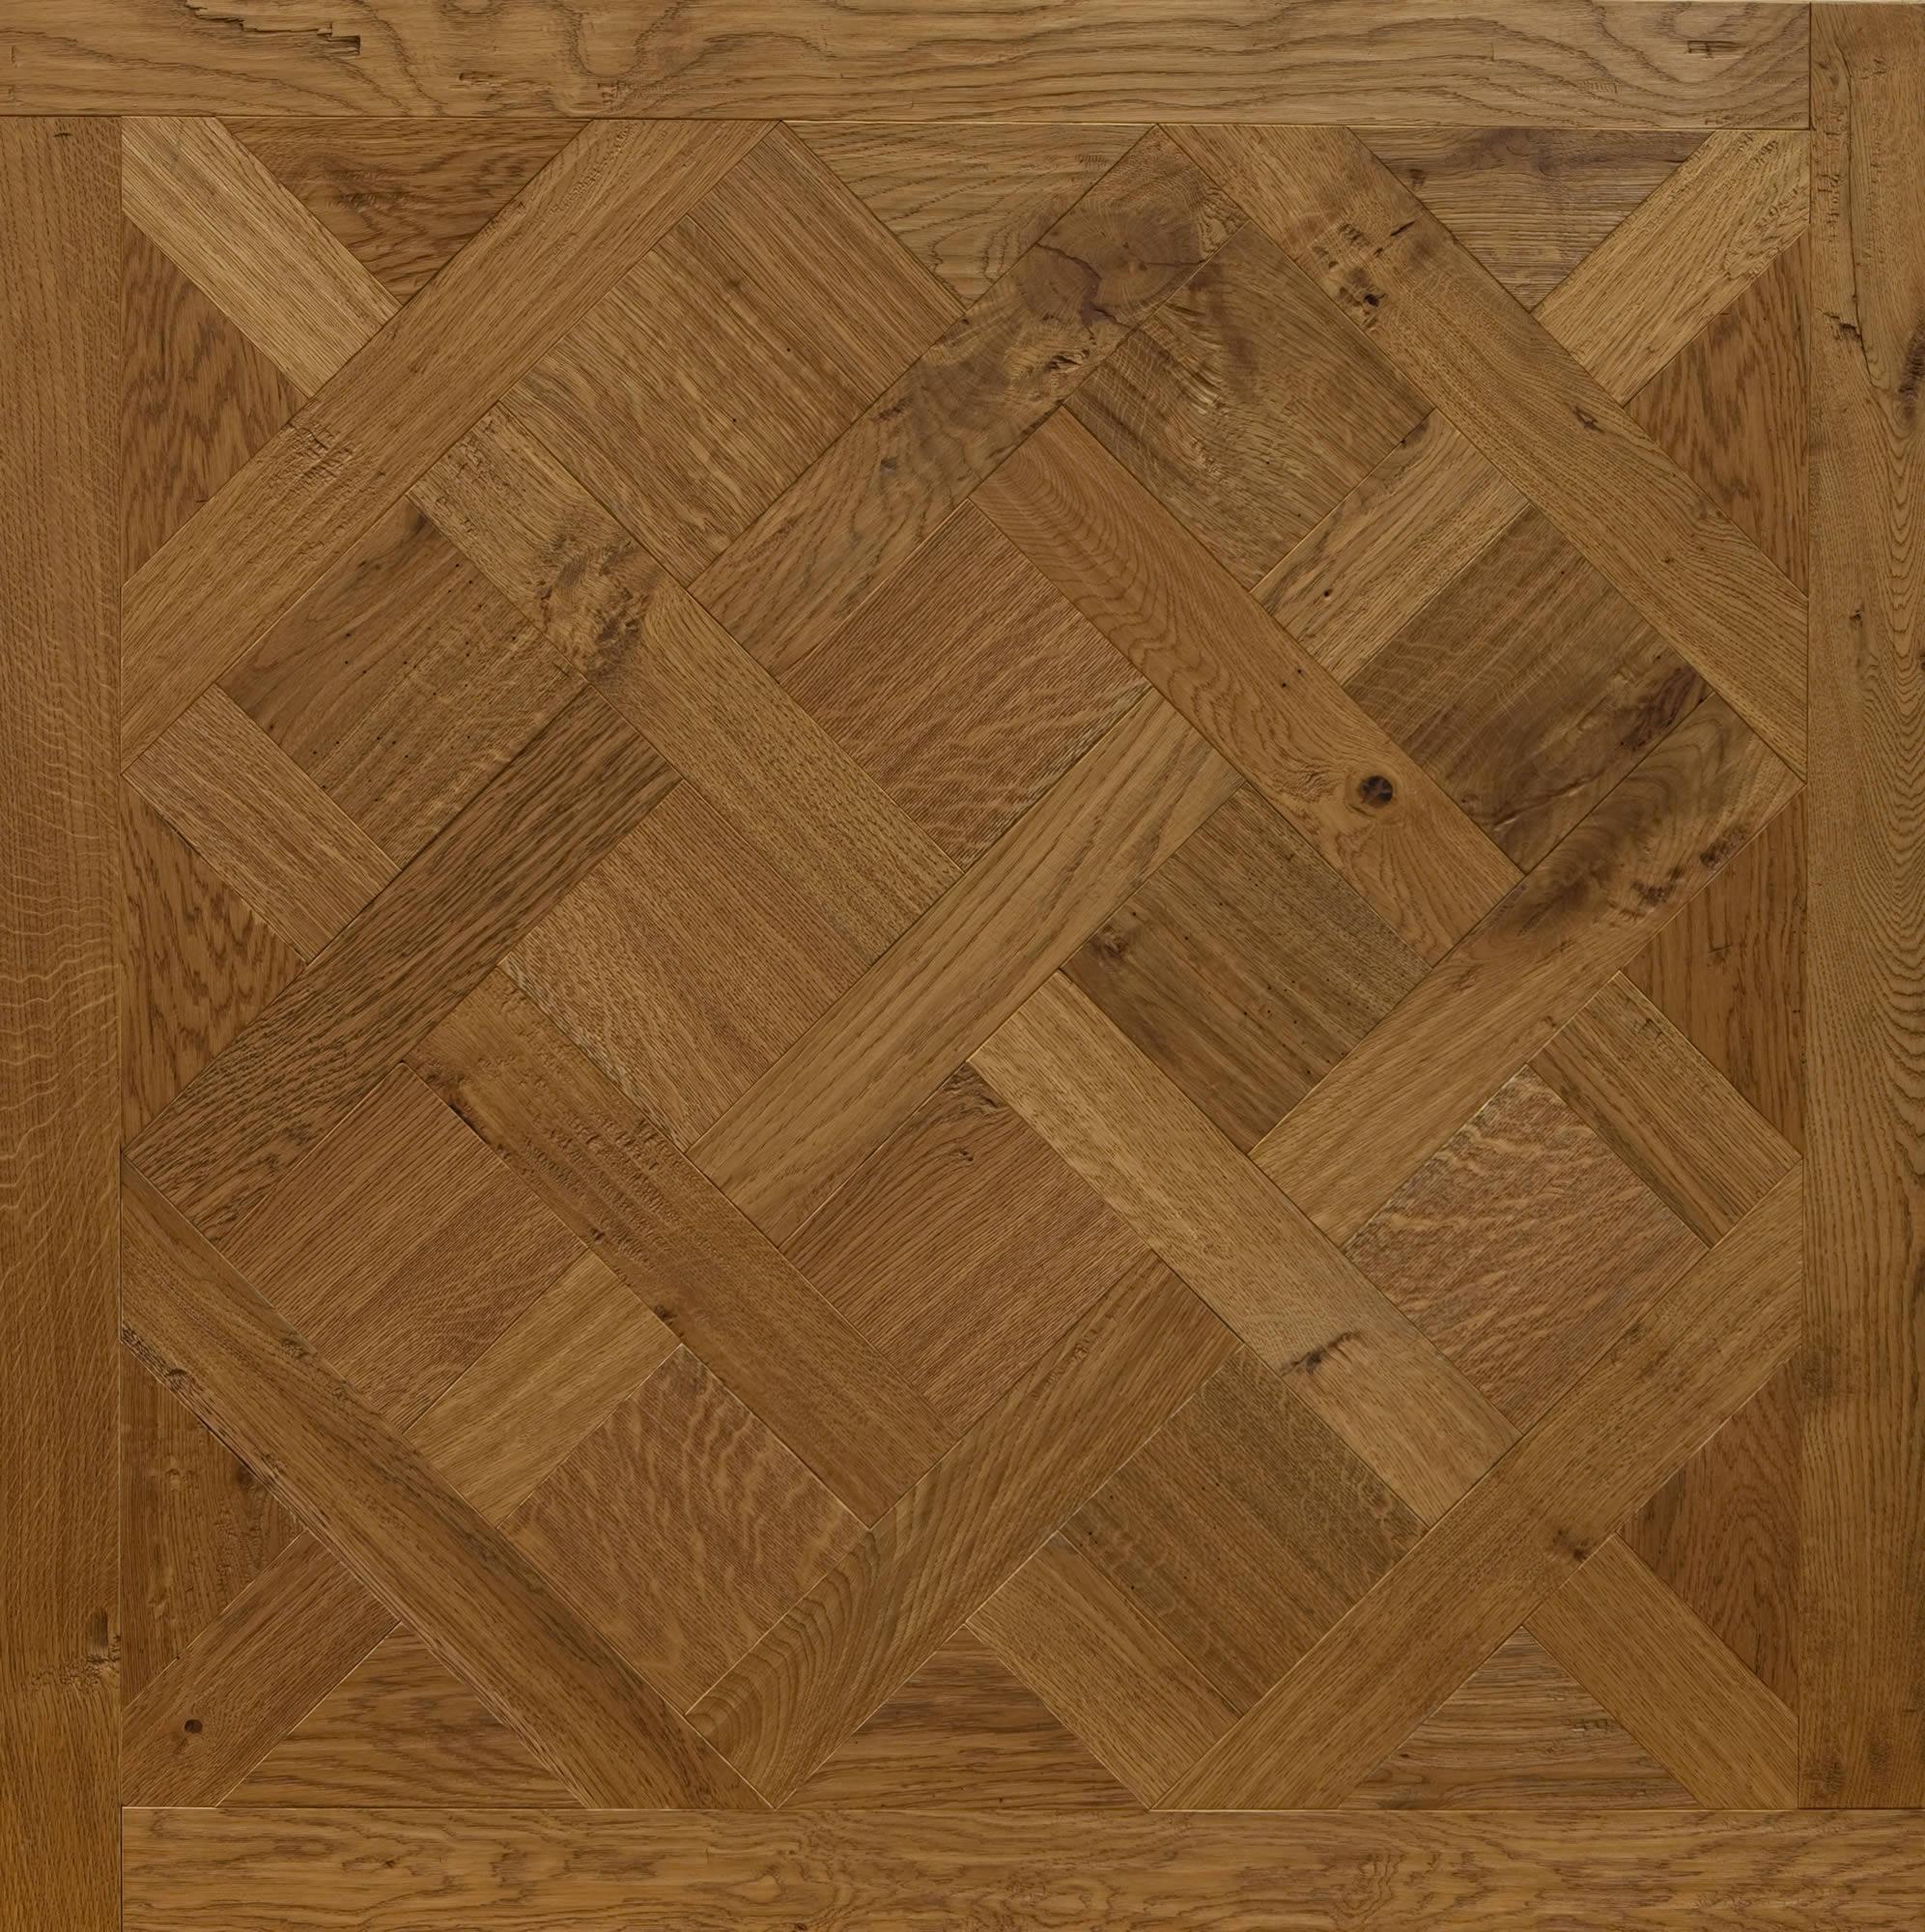 textured old oak versailles panel element7. Black Bedroom Furniture Sets. Home Design Ideas